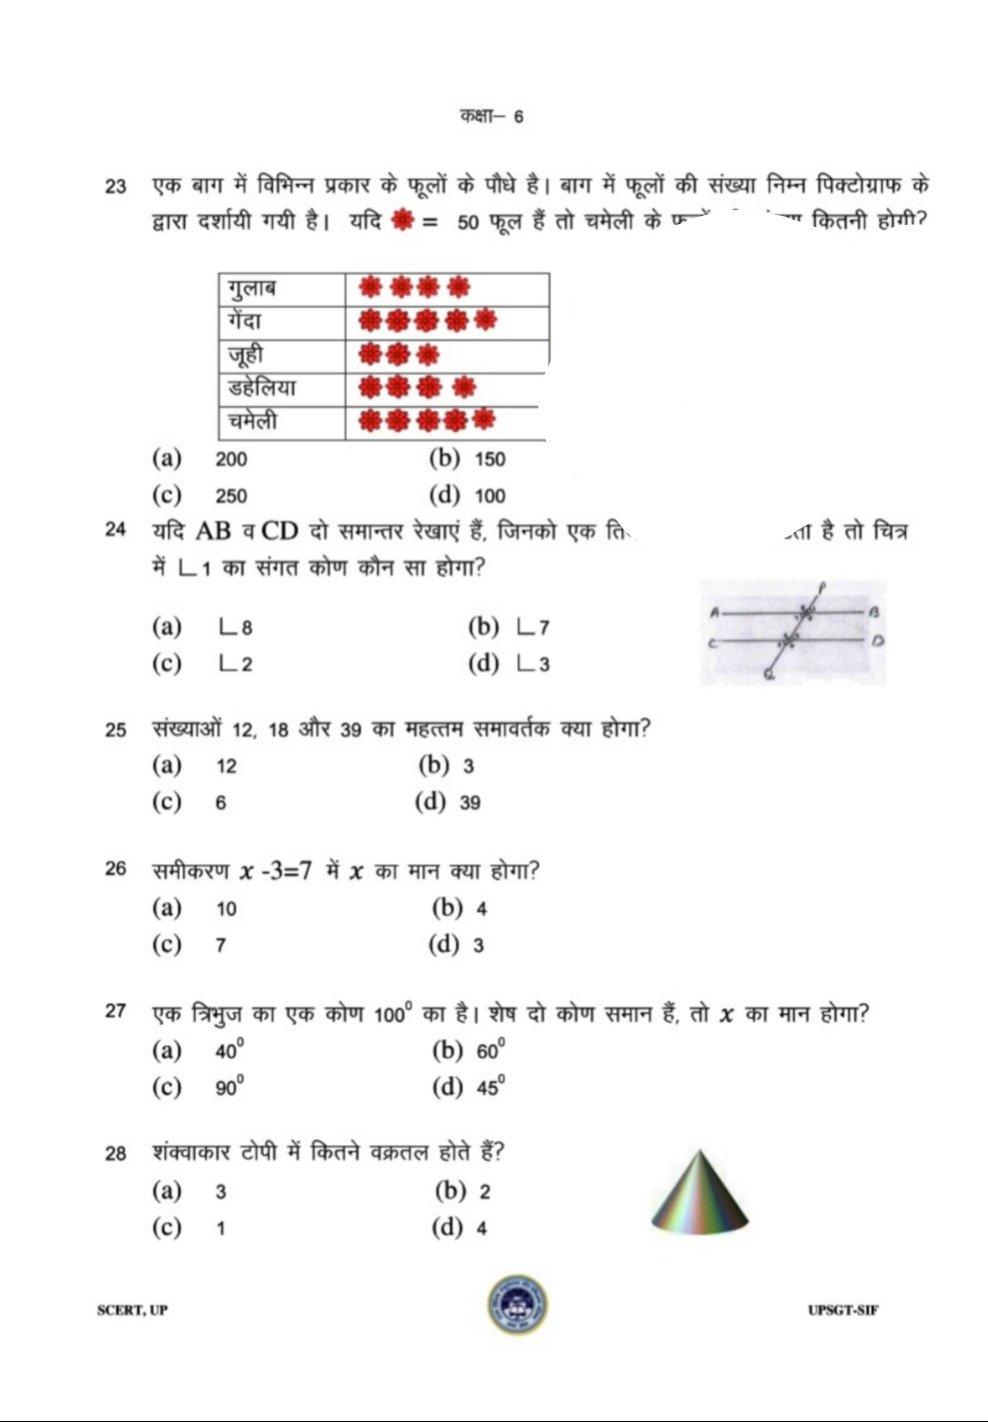 कक्षा 6 के प्रश्न पत्र का प्रारूप यहां से करें डाउनलोड -7